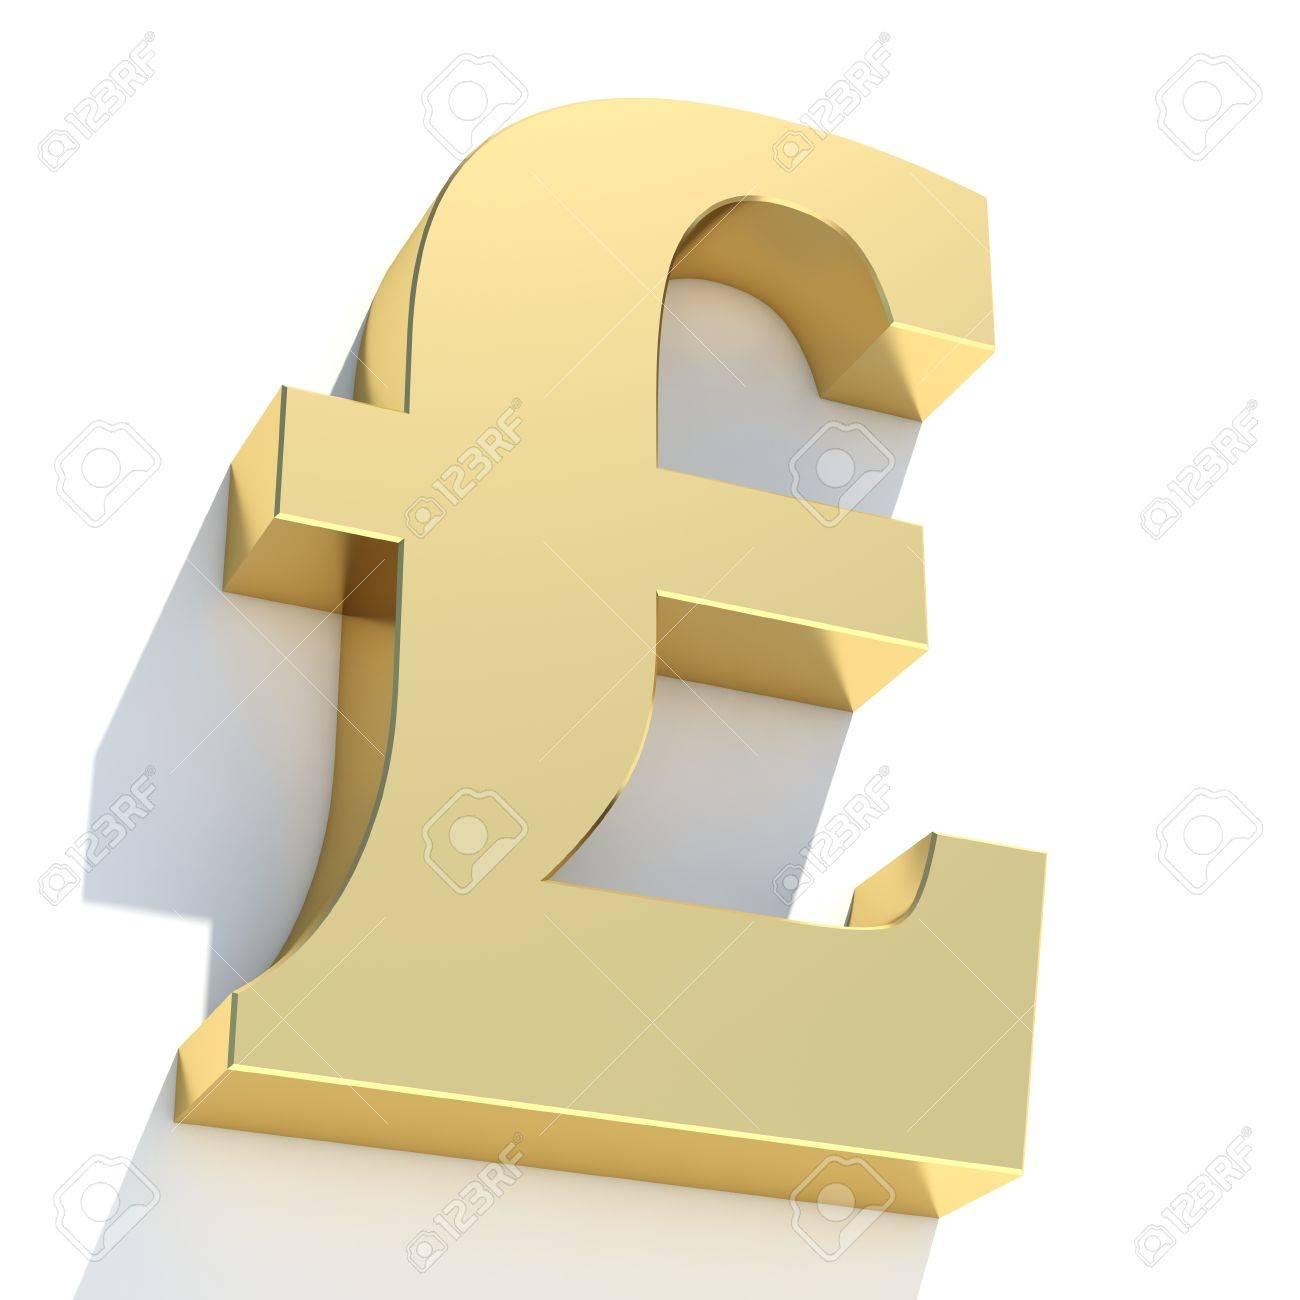 Gold uk pound symbol on white background stock photo picture and gold uk pound symbol on white background stock photo 18979657 buycottarizona